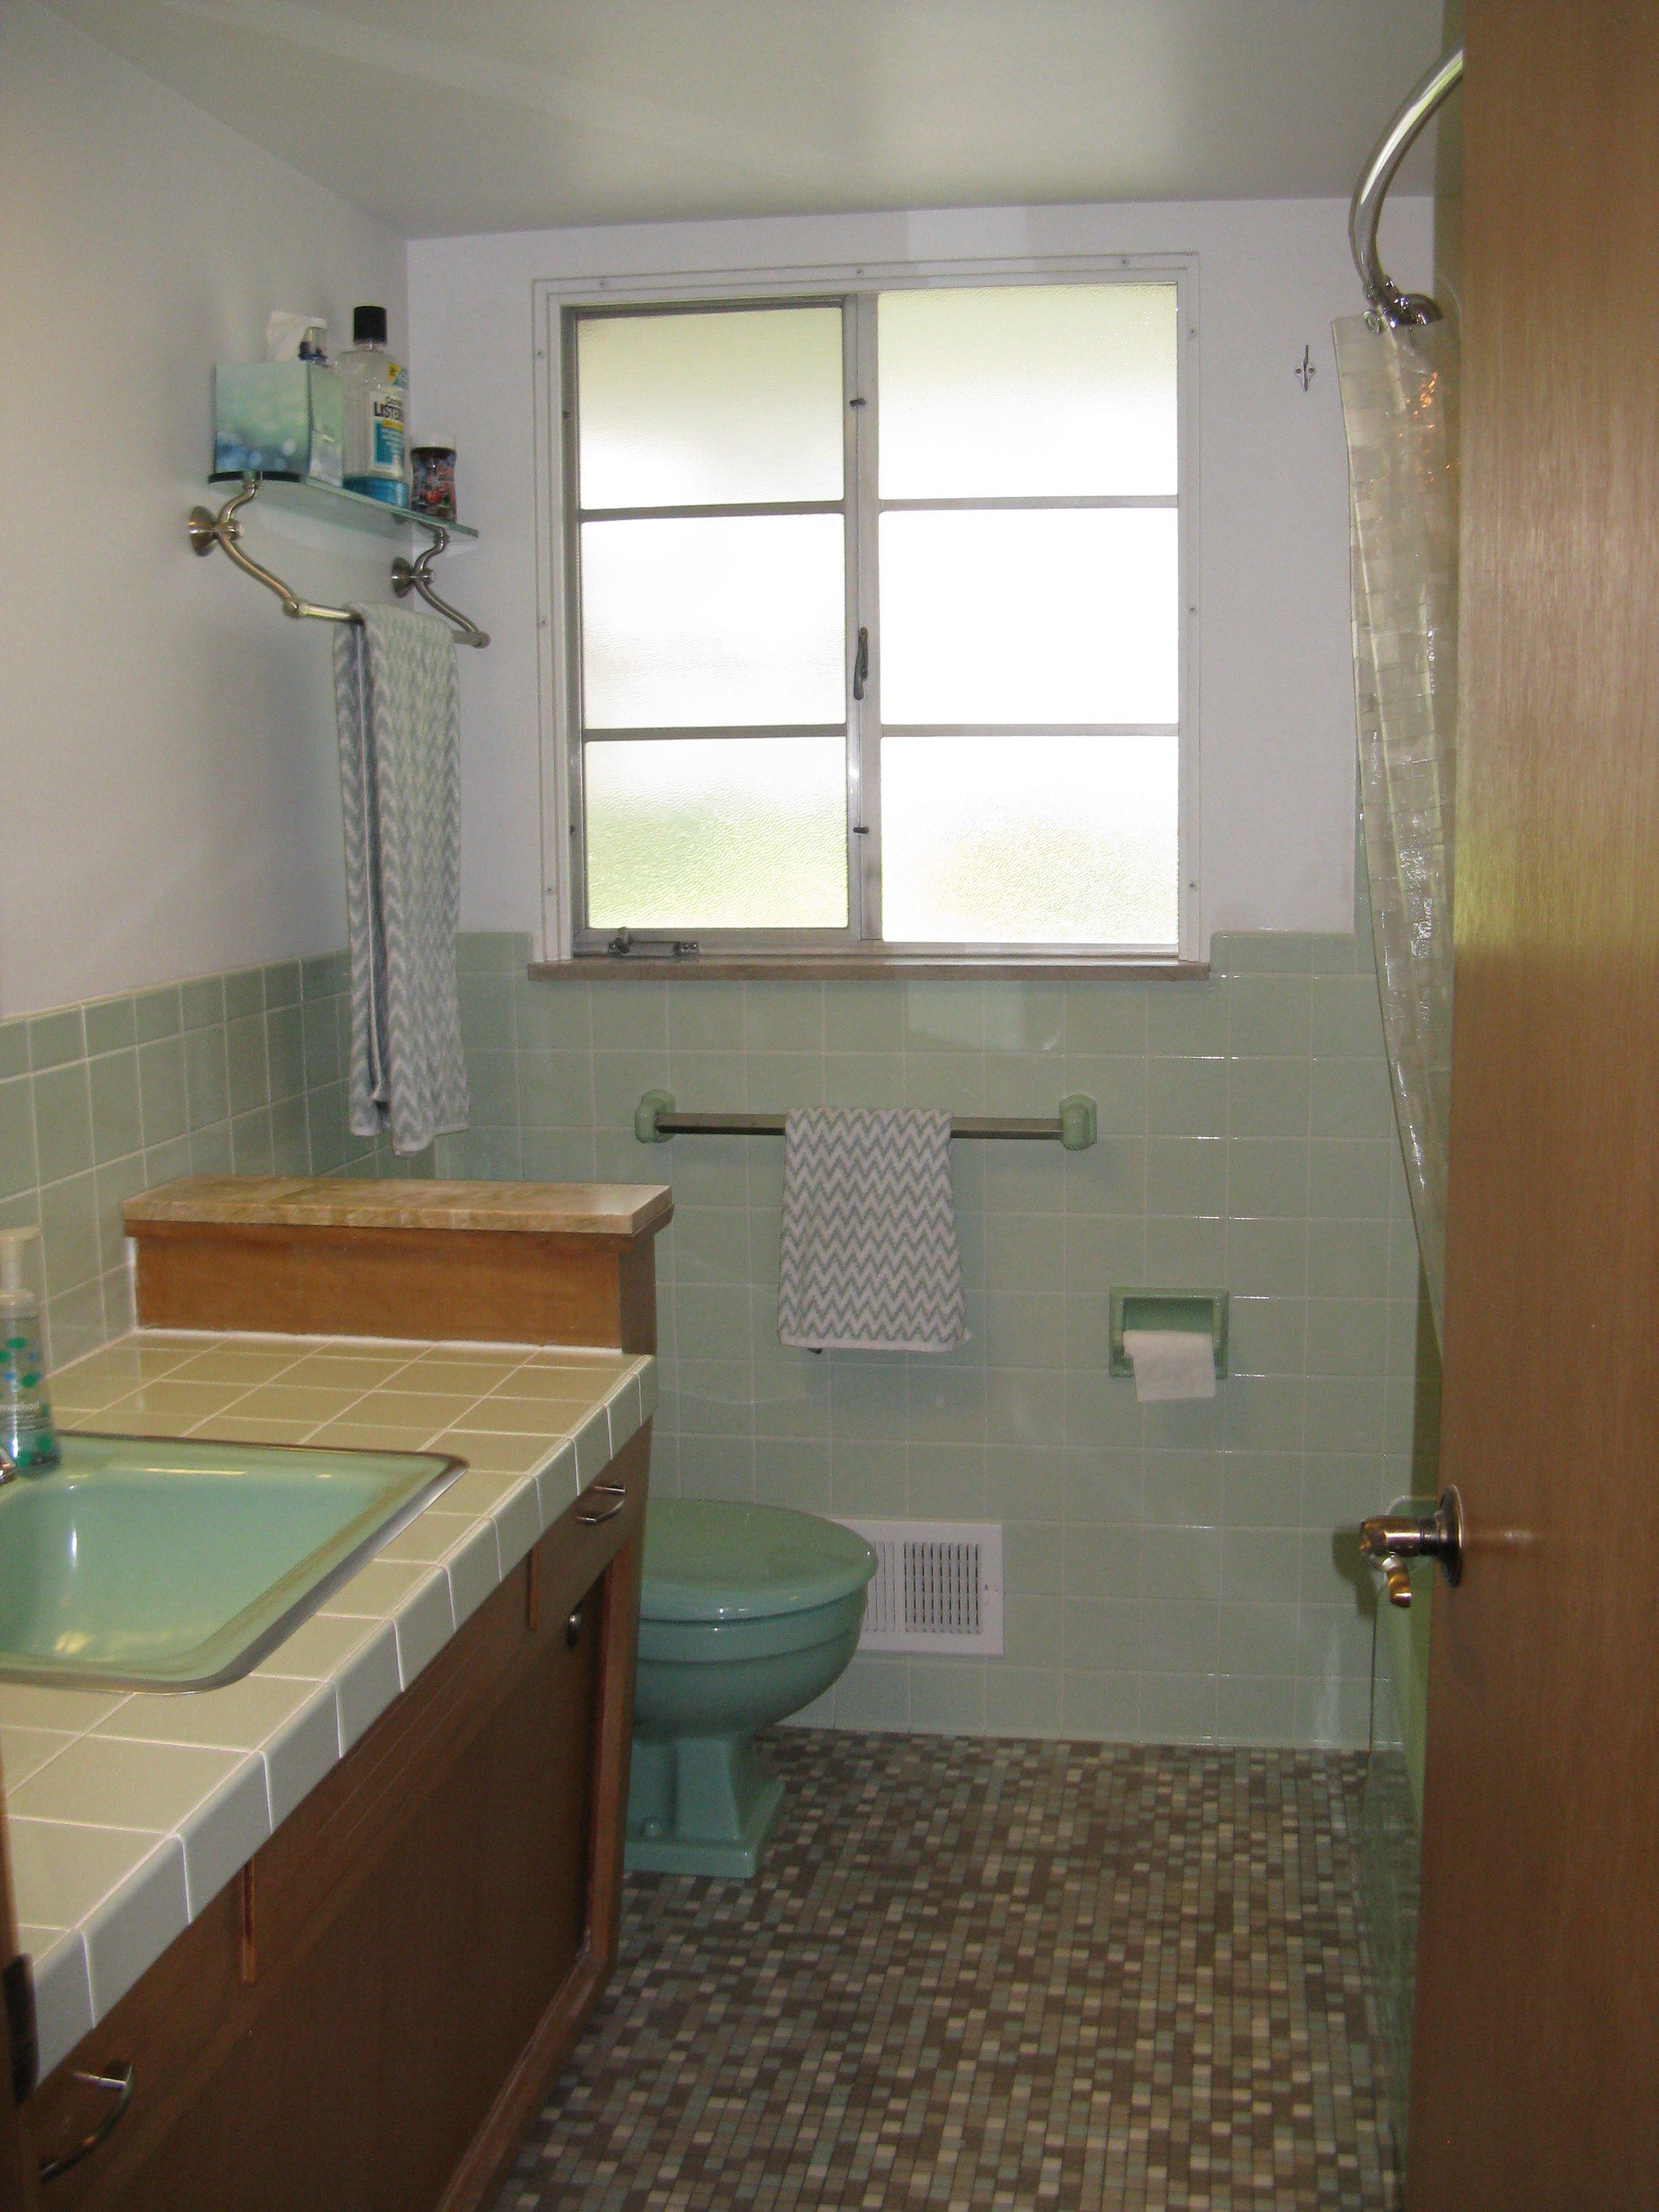 Vintage Bathroom Tile 171 Photos Of Readers Bathroom Designs - Avocado-green-bathroom-tile